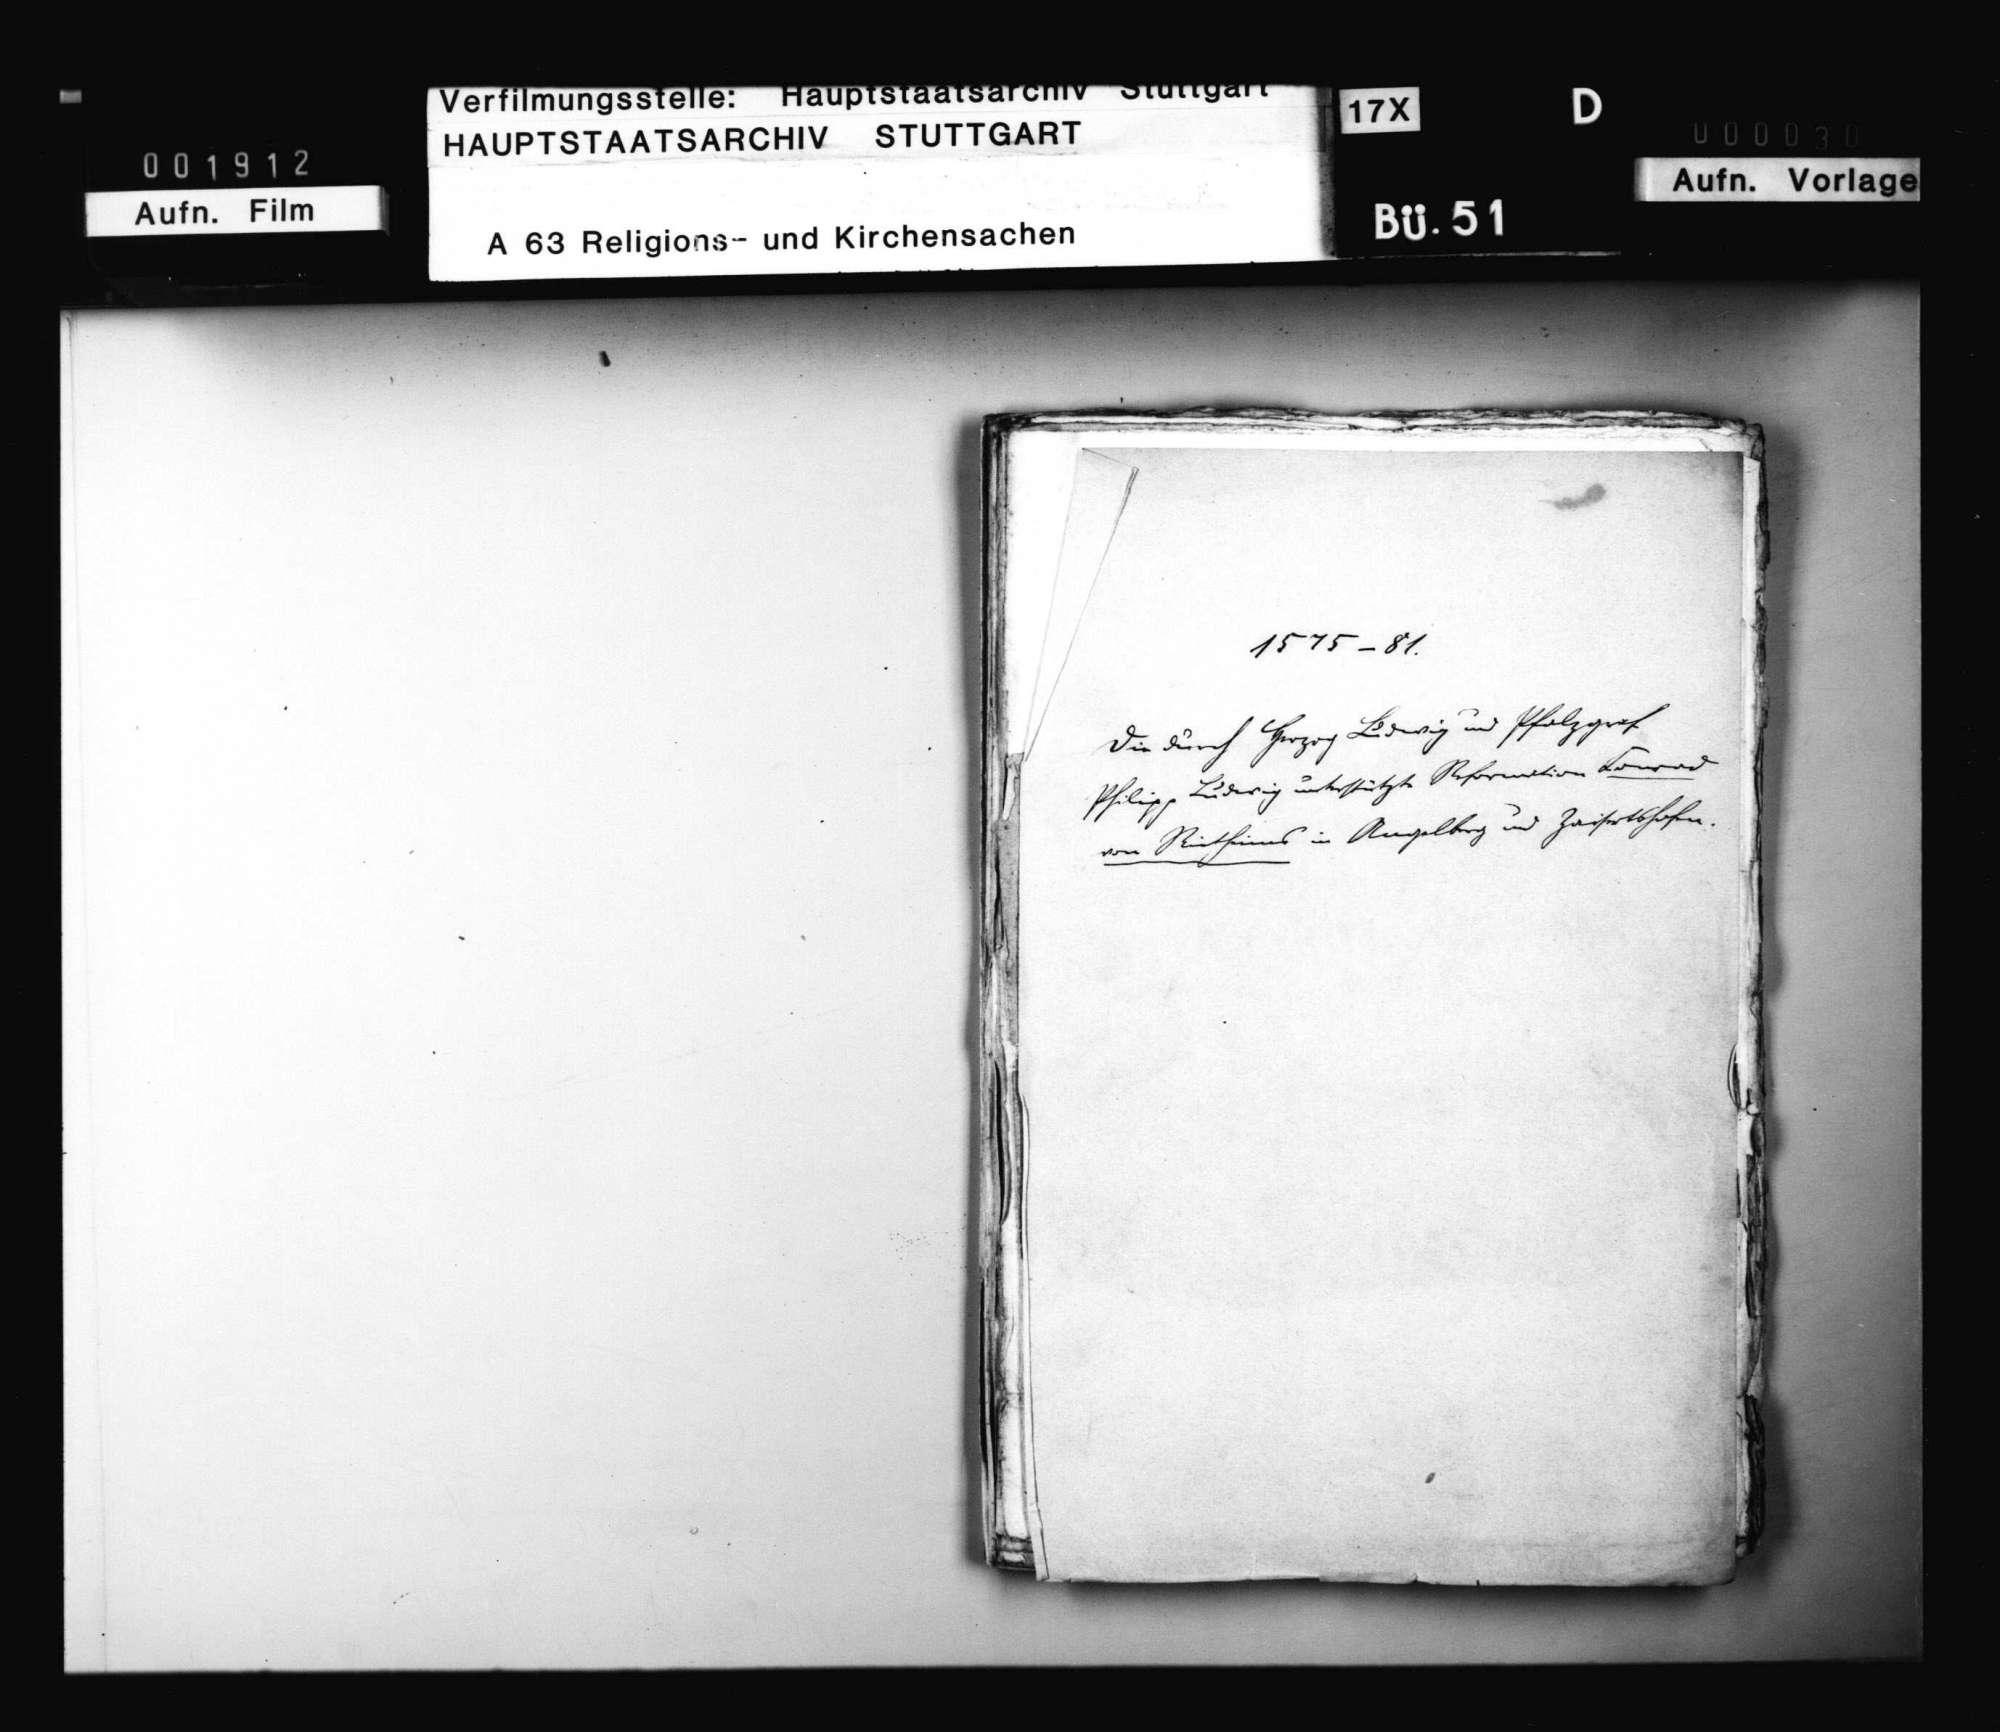 Schriften, betreffend die Unterstützung der Reformation des Conrad von Rietheim in Angelberg und Zaisertshofen durch Herzog Ludwig und Pfalzgraf Philipp Ludwig, Bild 1